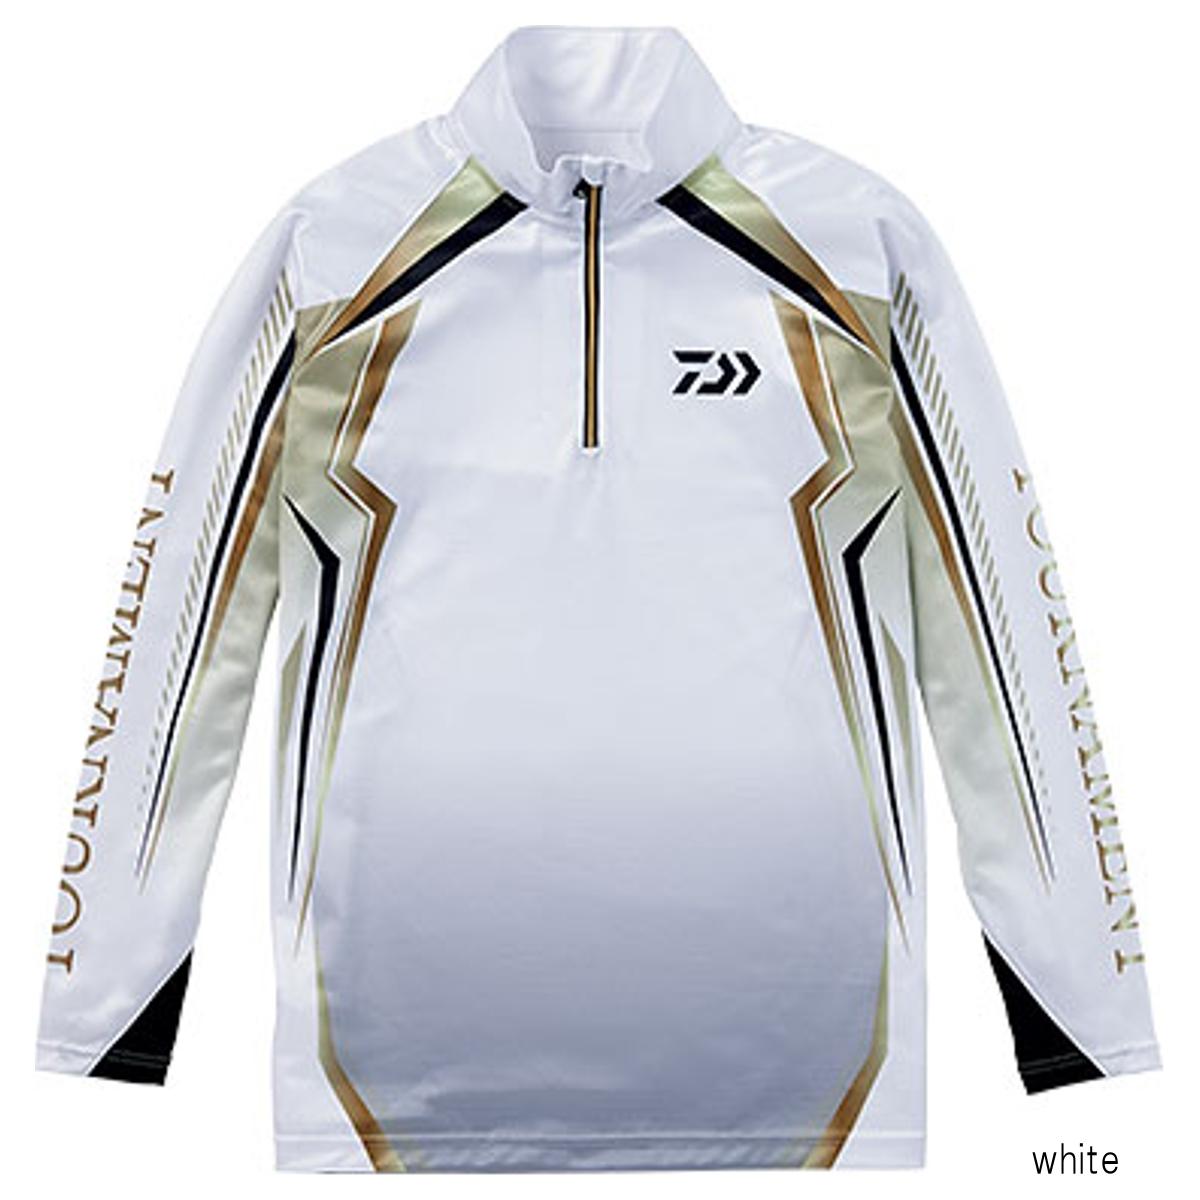 ダイワ トーナメント ドライシャツ DE-77008T M white【送料無料】